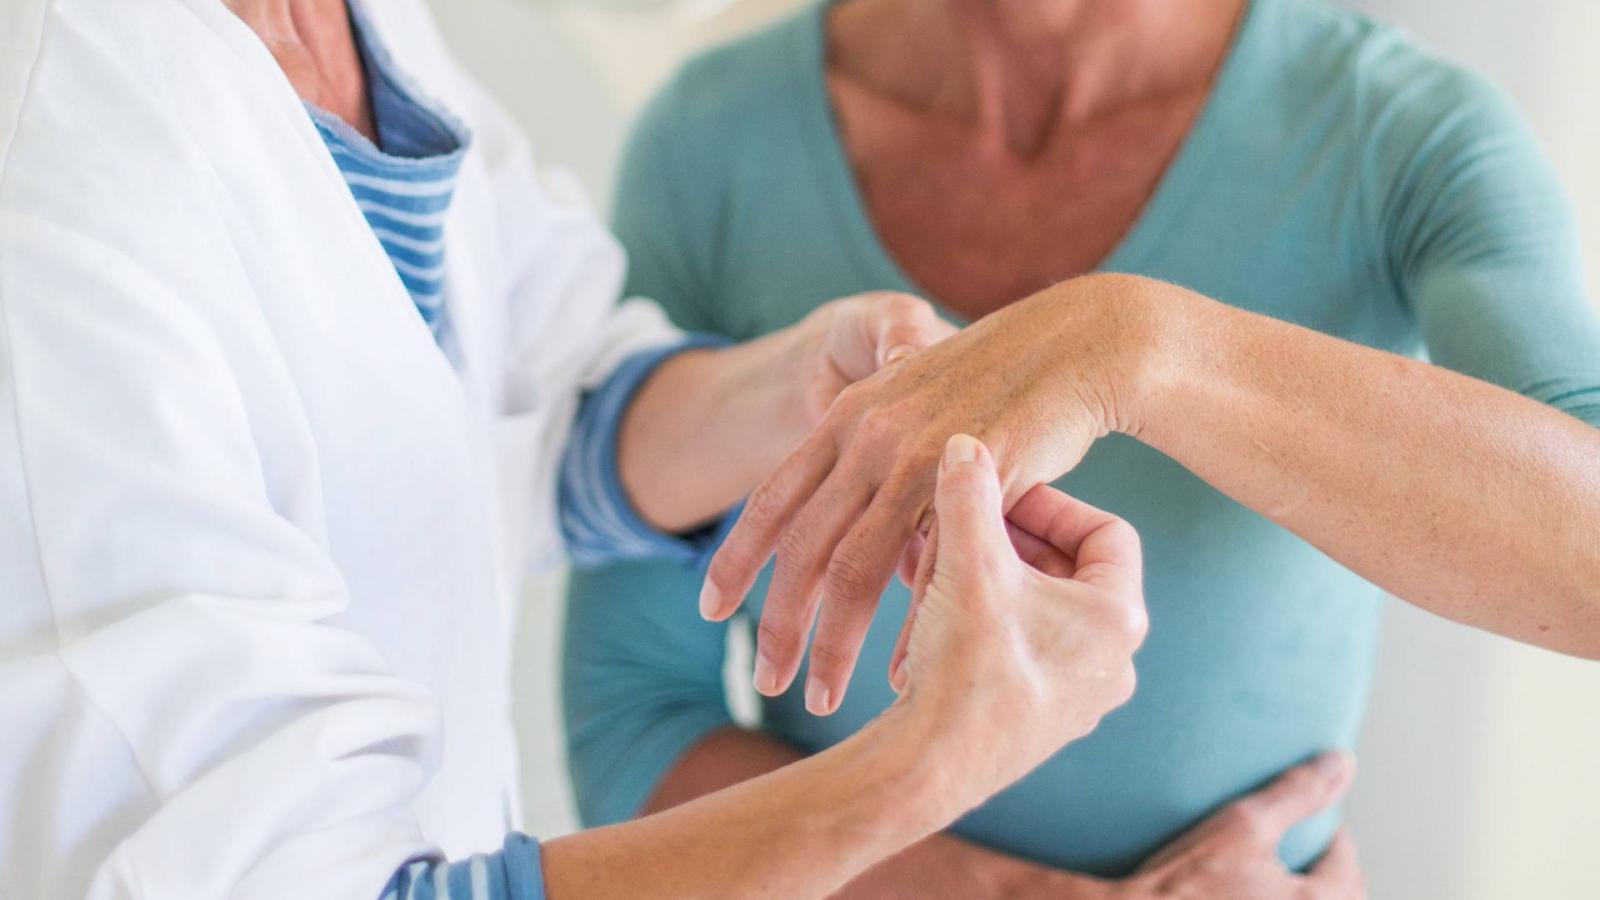 vállízület osteochondrosis hogyan kezelhető ízület ízületek kezelése